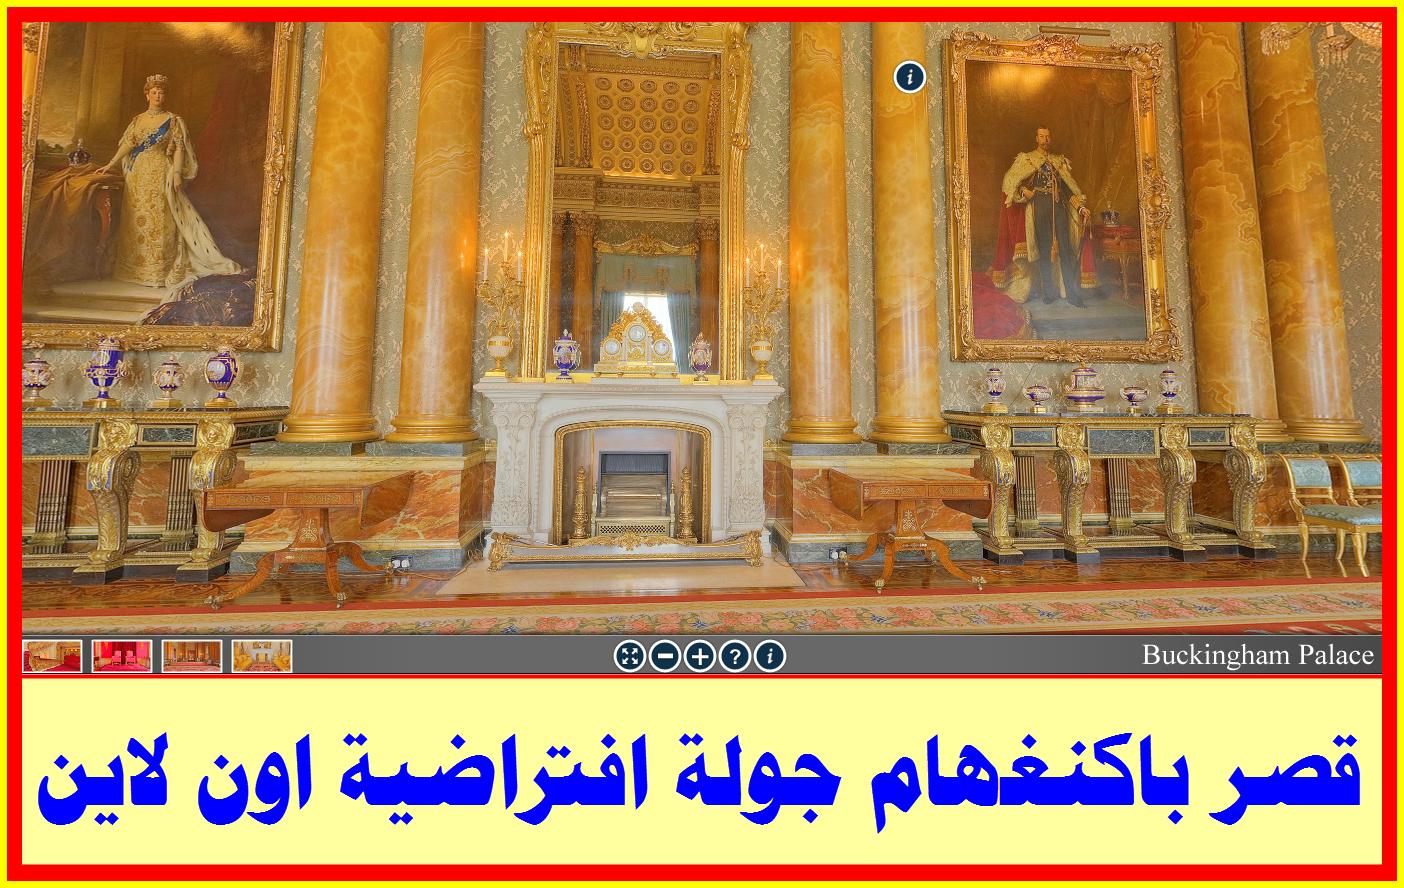 قصر باكنغهام جولة افتراضية اون لاين